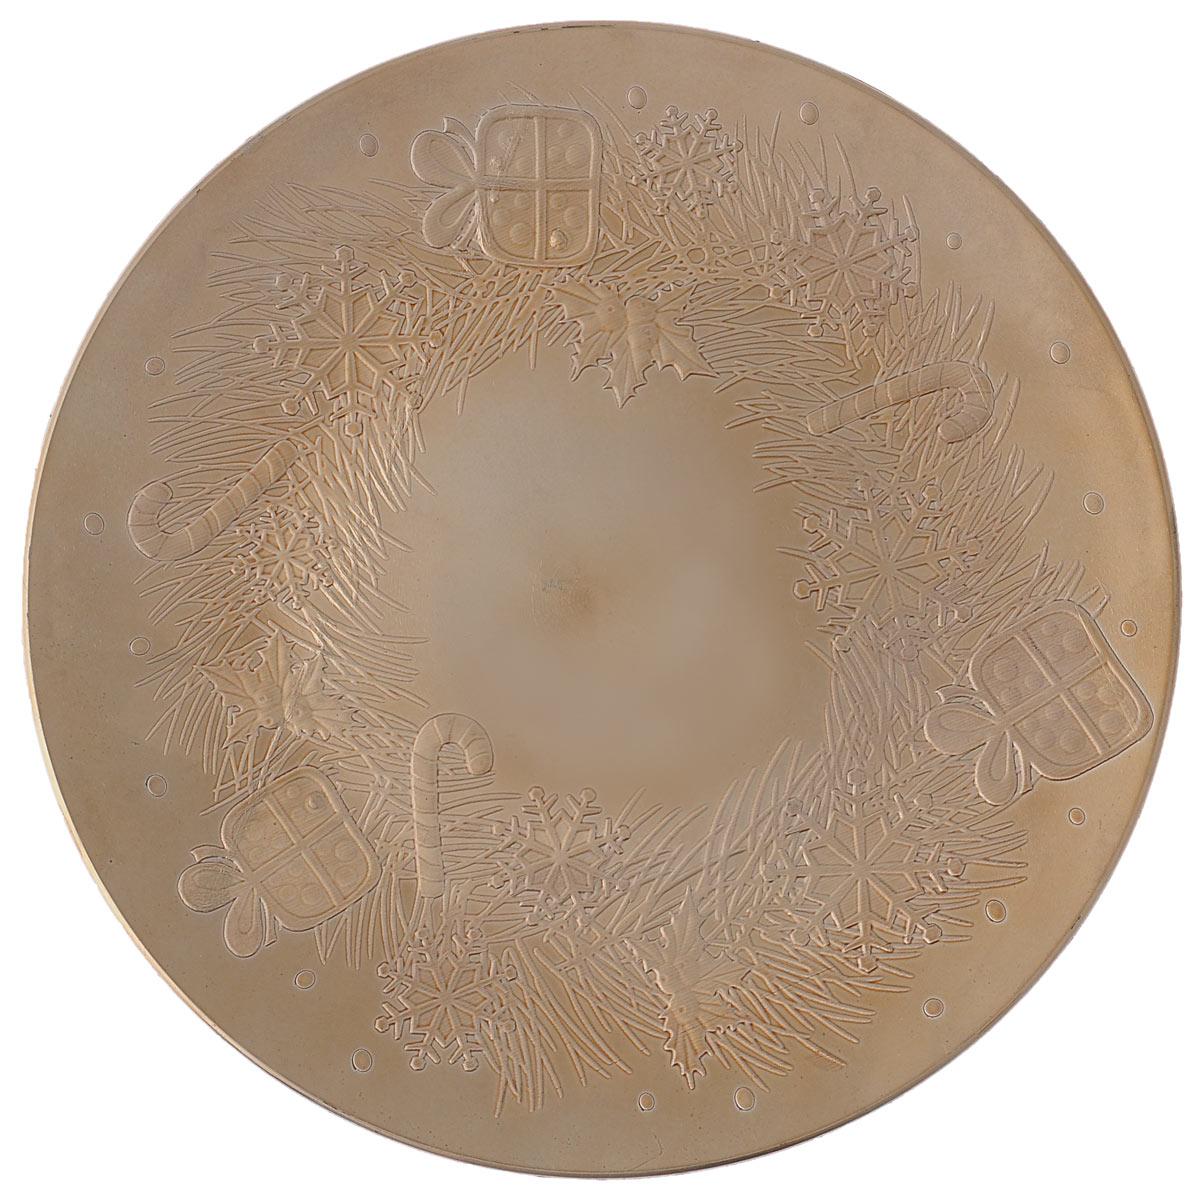 Блюдо Lillo Новогоднее, цвет: золотистый, диаметр 33 смFS-91909Блюдо Lillo Новогоднее, выполненное из высококачественного пластика, оформлено объемнымиизображениями в виде подарков и снежинок.Блюдо Lillo Новогоднее доставит истинное удовольствие ценителям прекрасного. Яркий дизайн, несомненно придется вам по вкусу. Диаметр: 33 см. Высота стенки: 2 см.